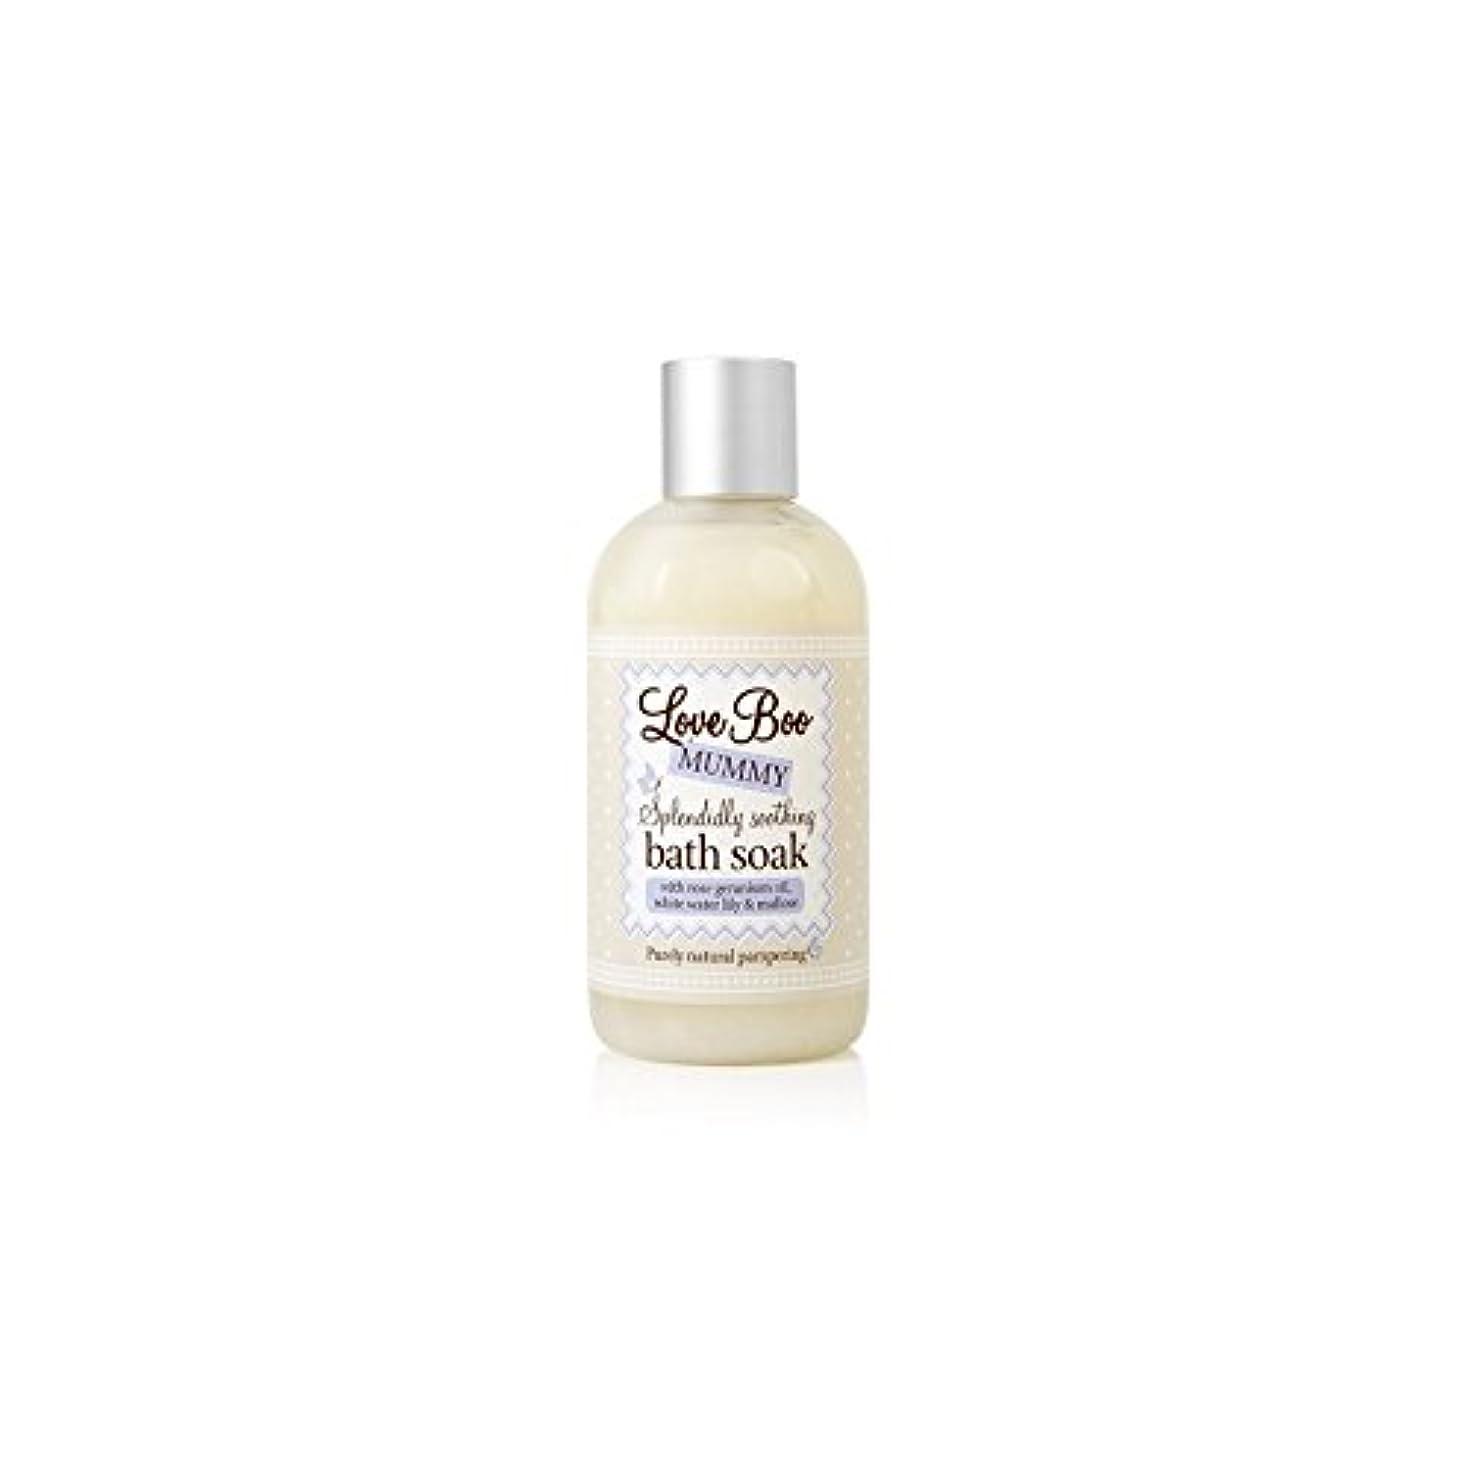 補正ミルク感覚Love Boo Splendidly Soothing Bath Soak (250ml) (Pack of 6) - ブーイング見事なだめるようなお風呂が大好き(250ミリリットル)を浸します x6 [並行輸入品]